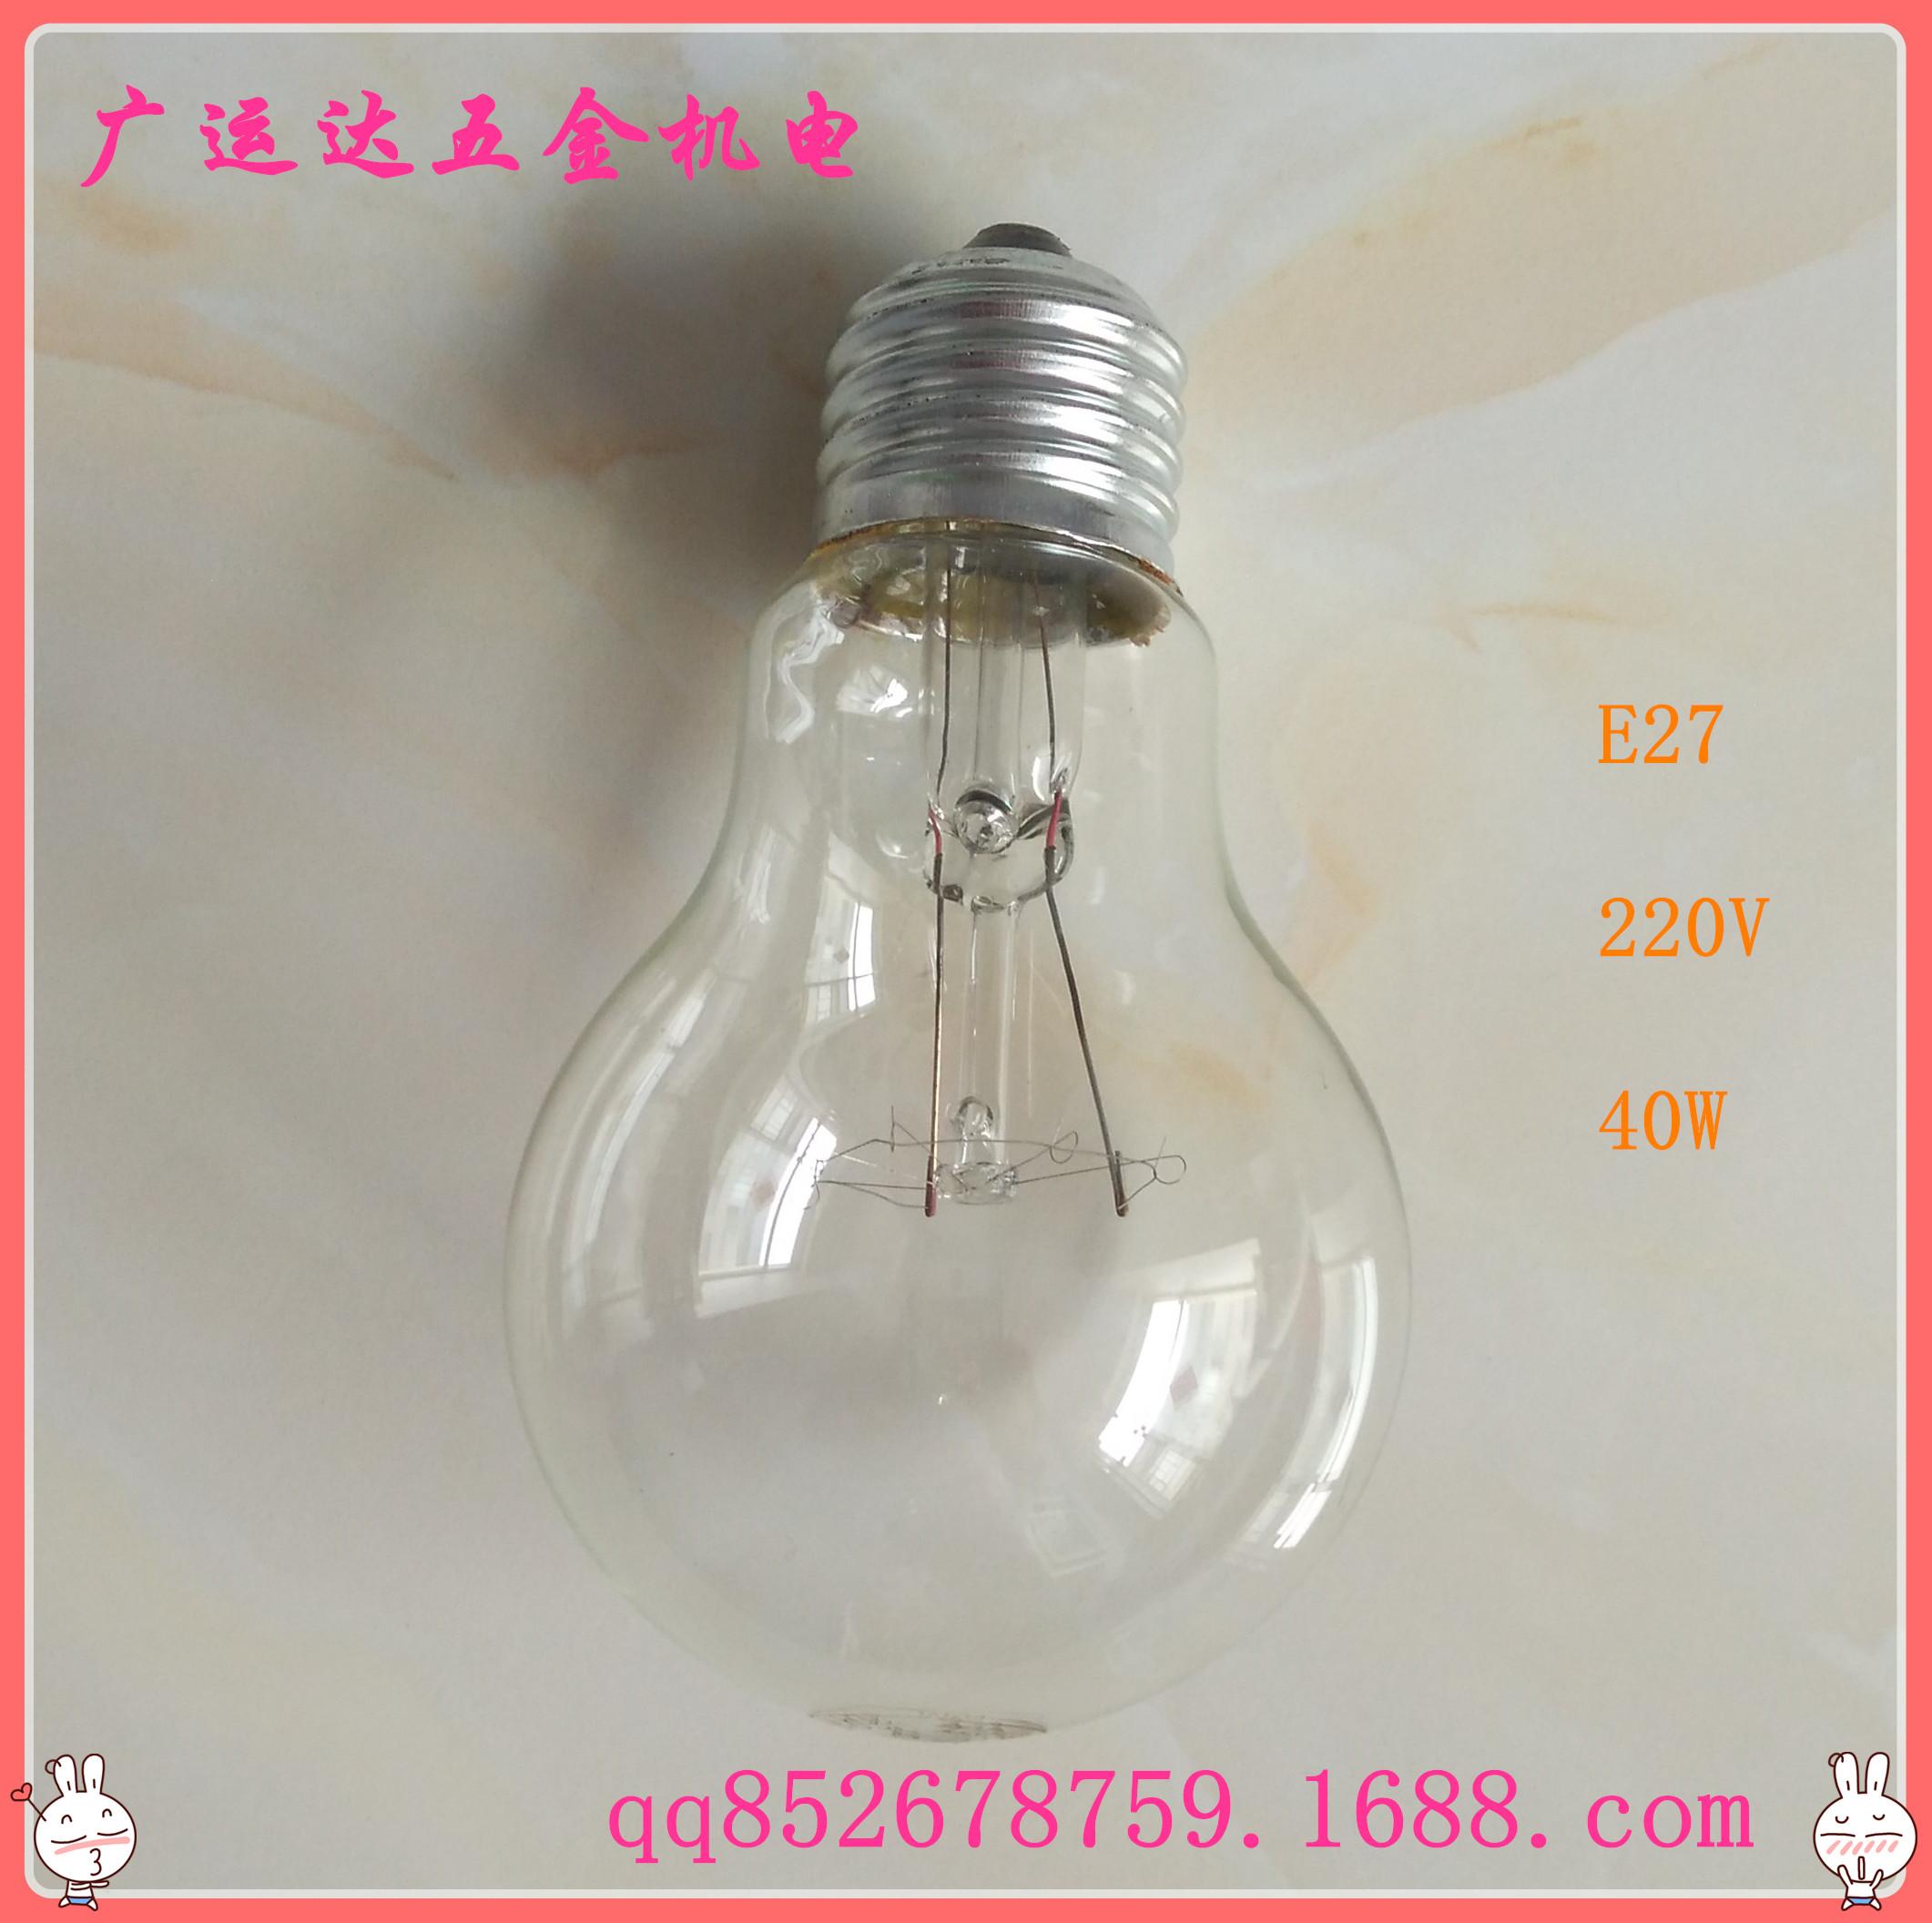 厂家直销 工程项目 物业楼道 灯泡 普通白炽灯40W 螺口灯头E27 电压220V伏